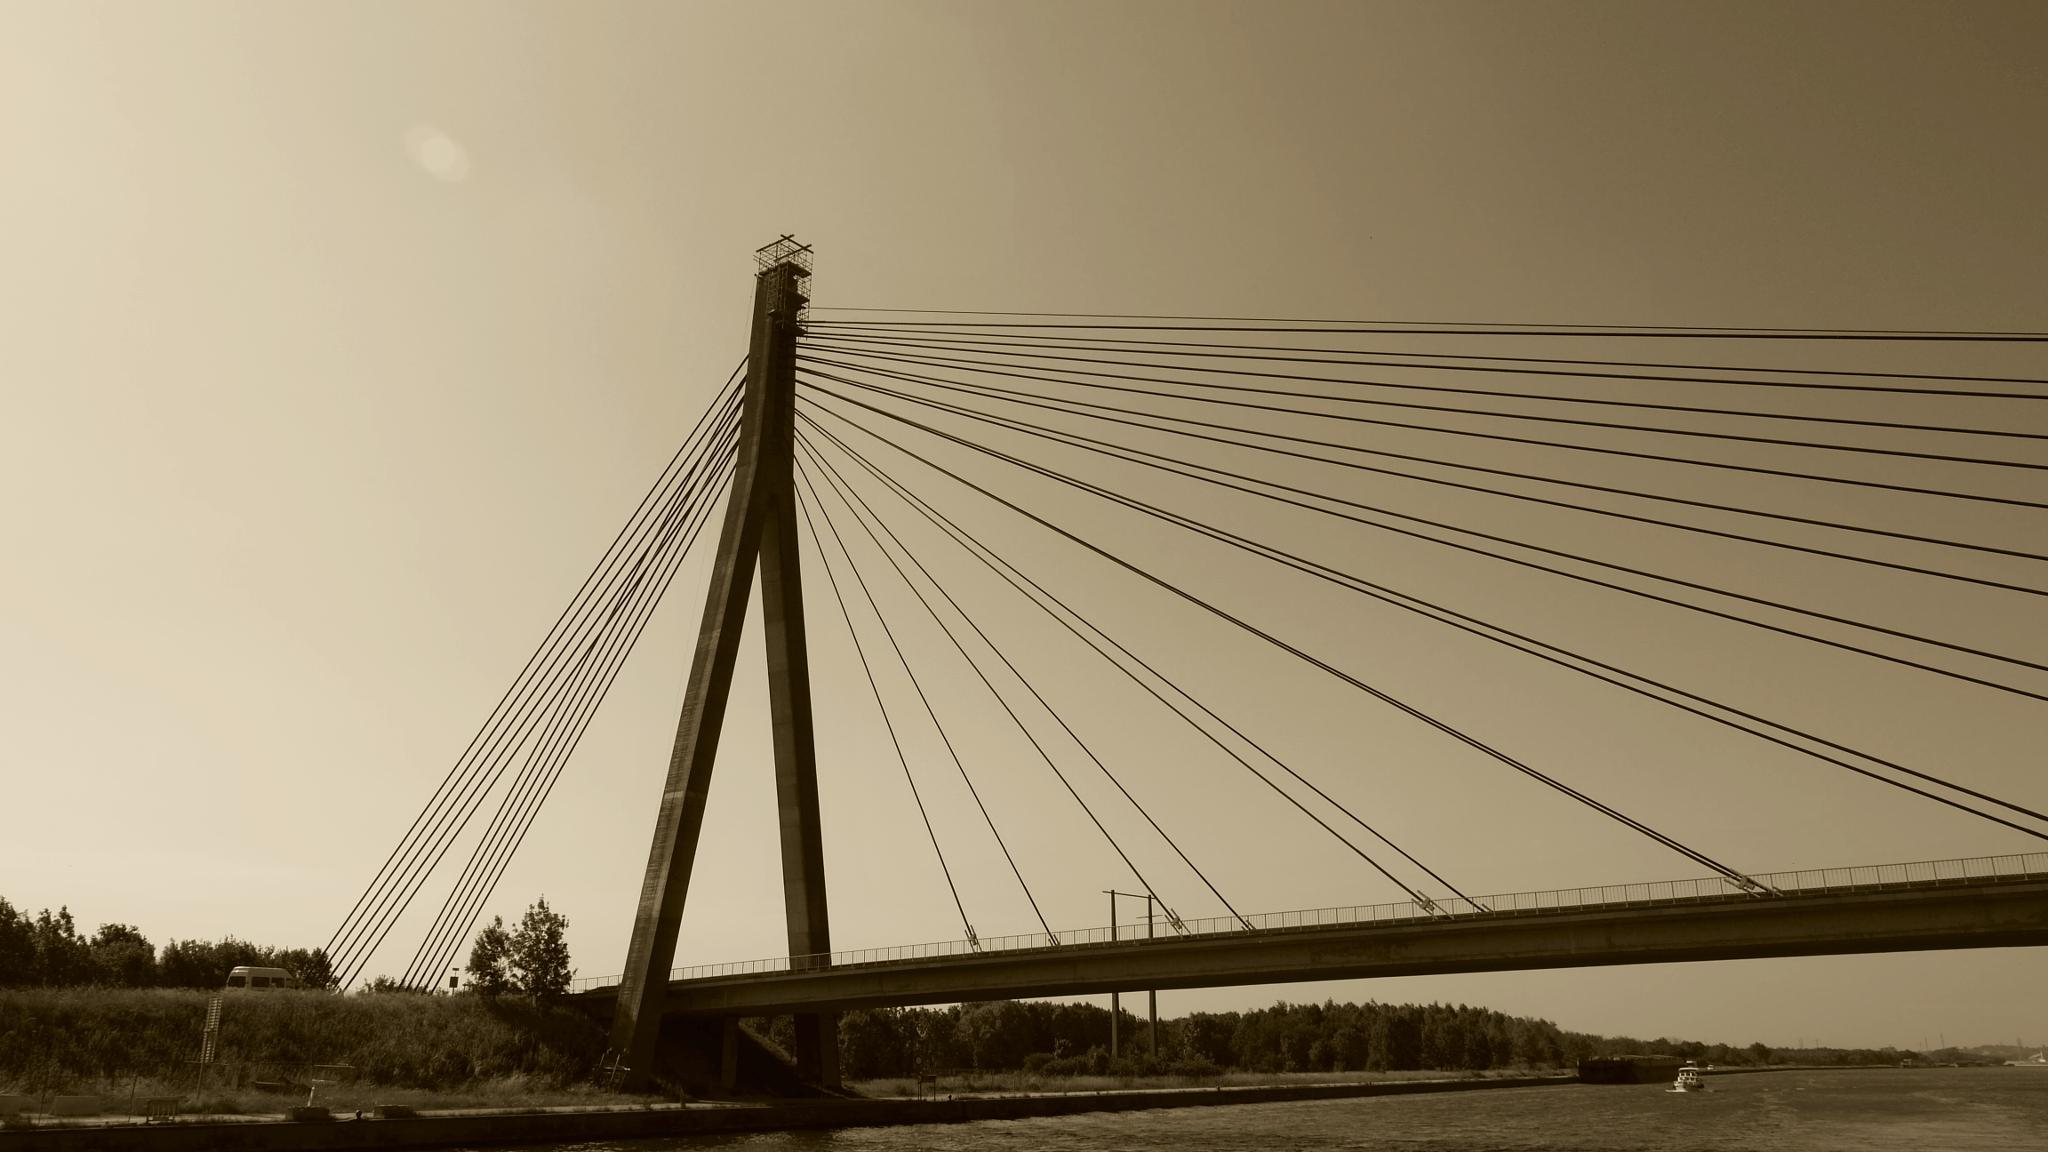 bridge by Colette Dumont